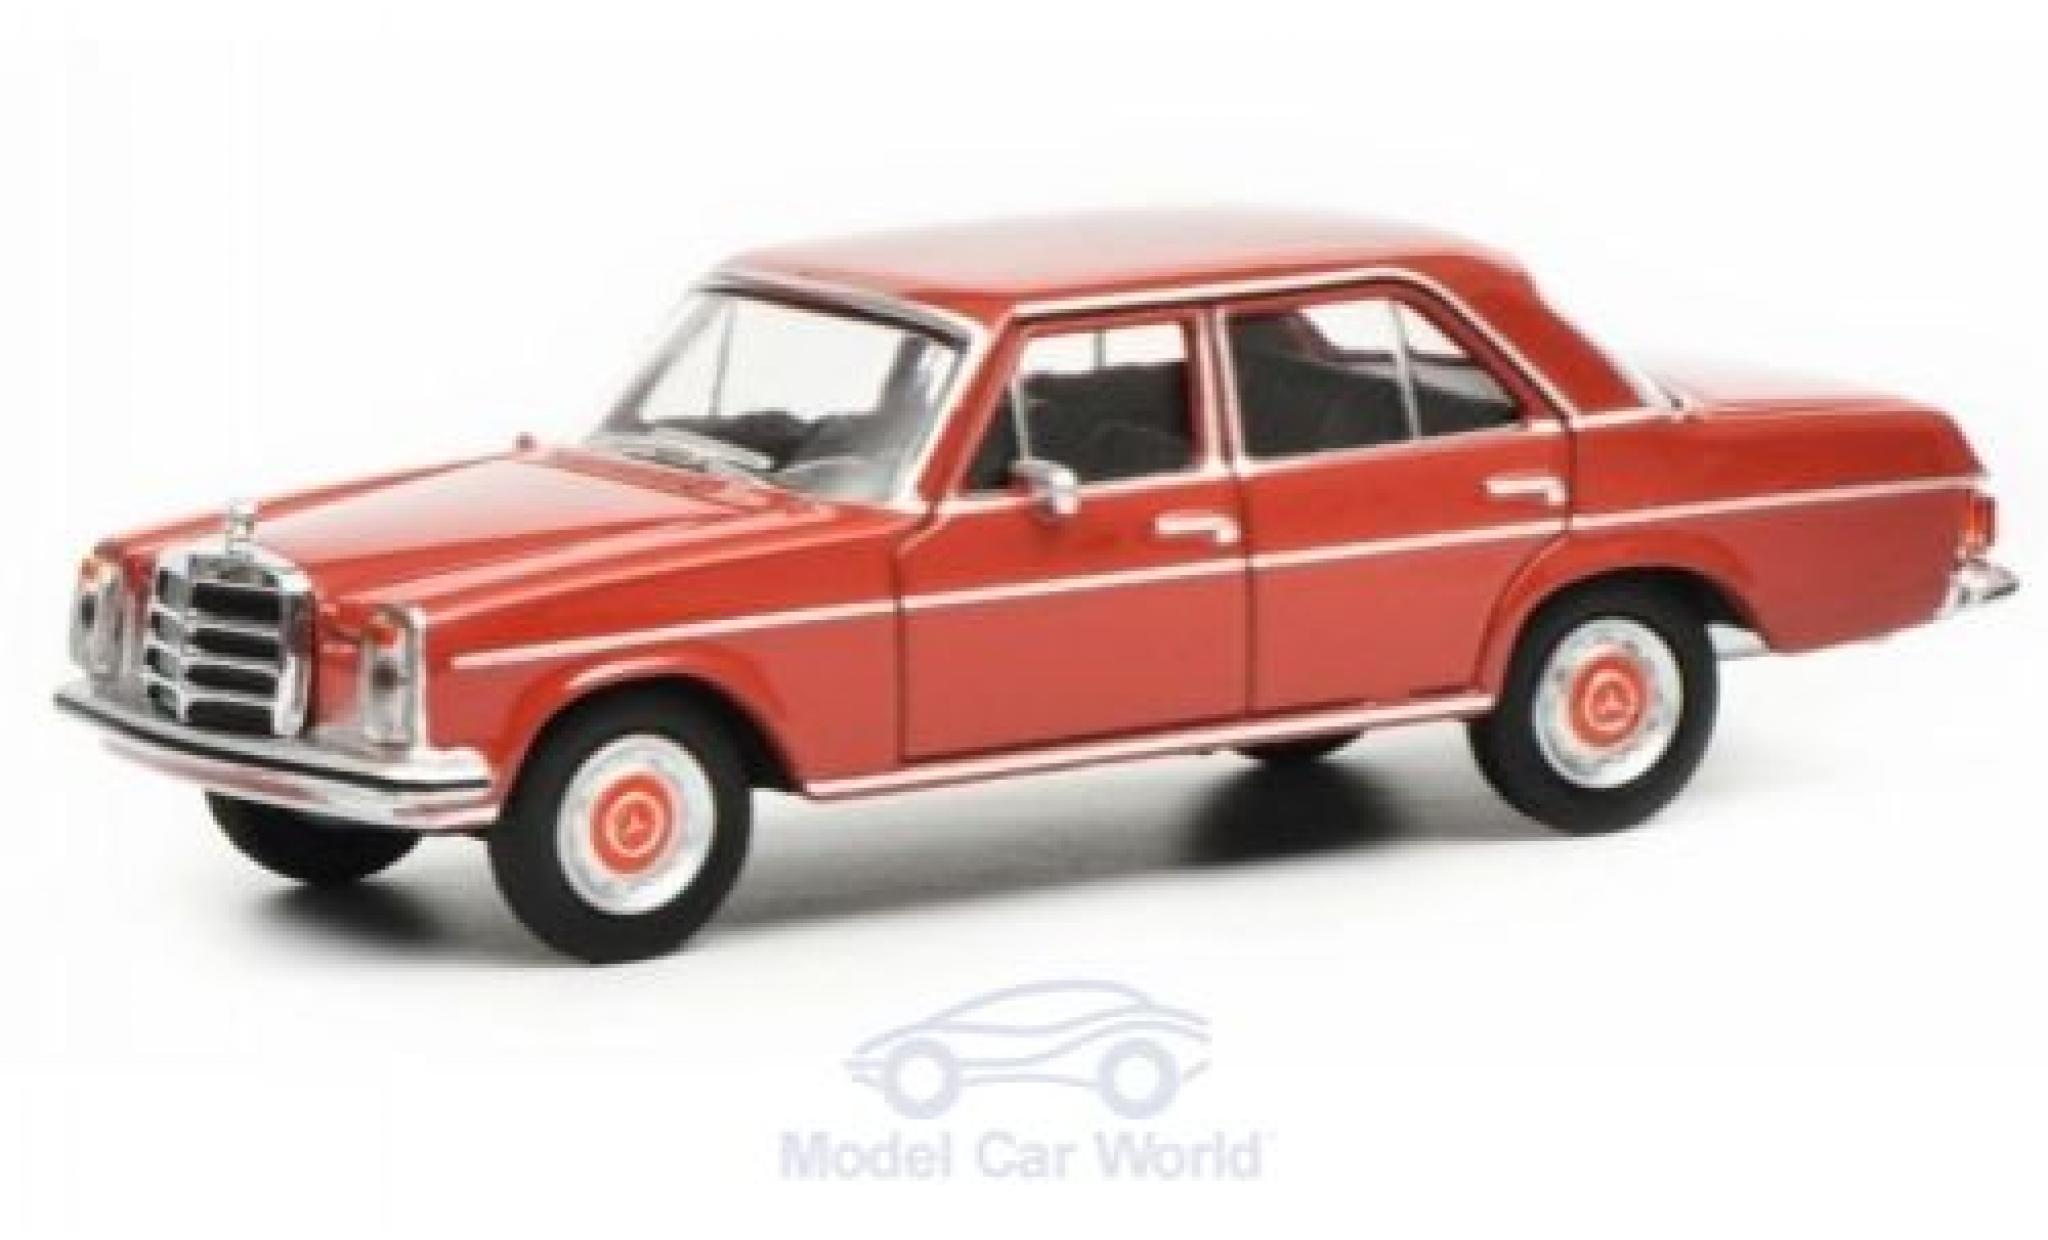 Mercedes /8 1/64 Schuco red